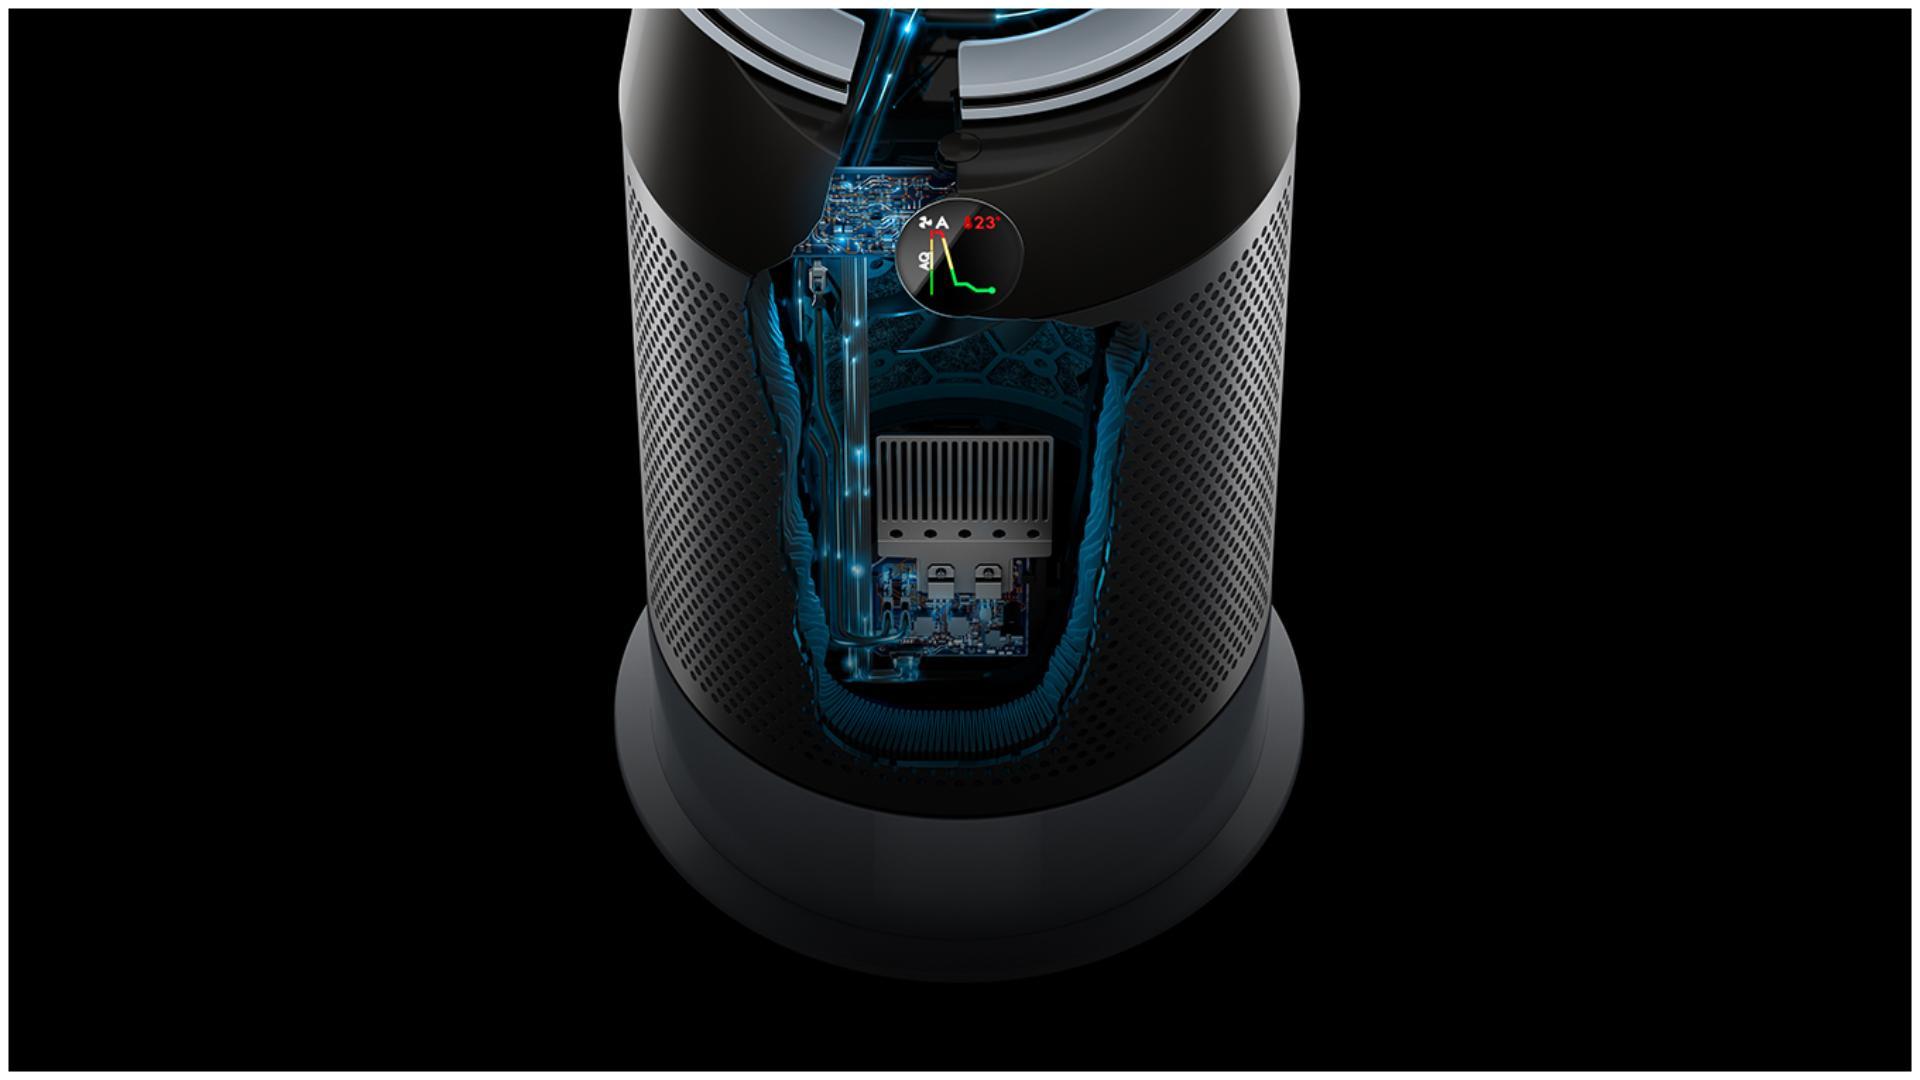 صورة بالأشعة السينية للتحكم بمُنظِّم الحرارة